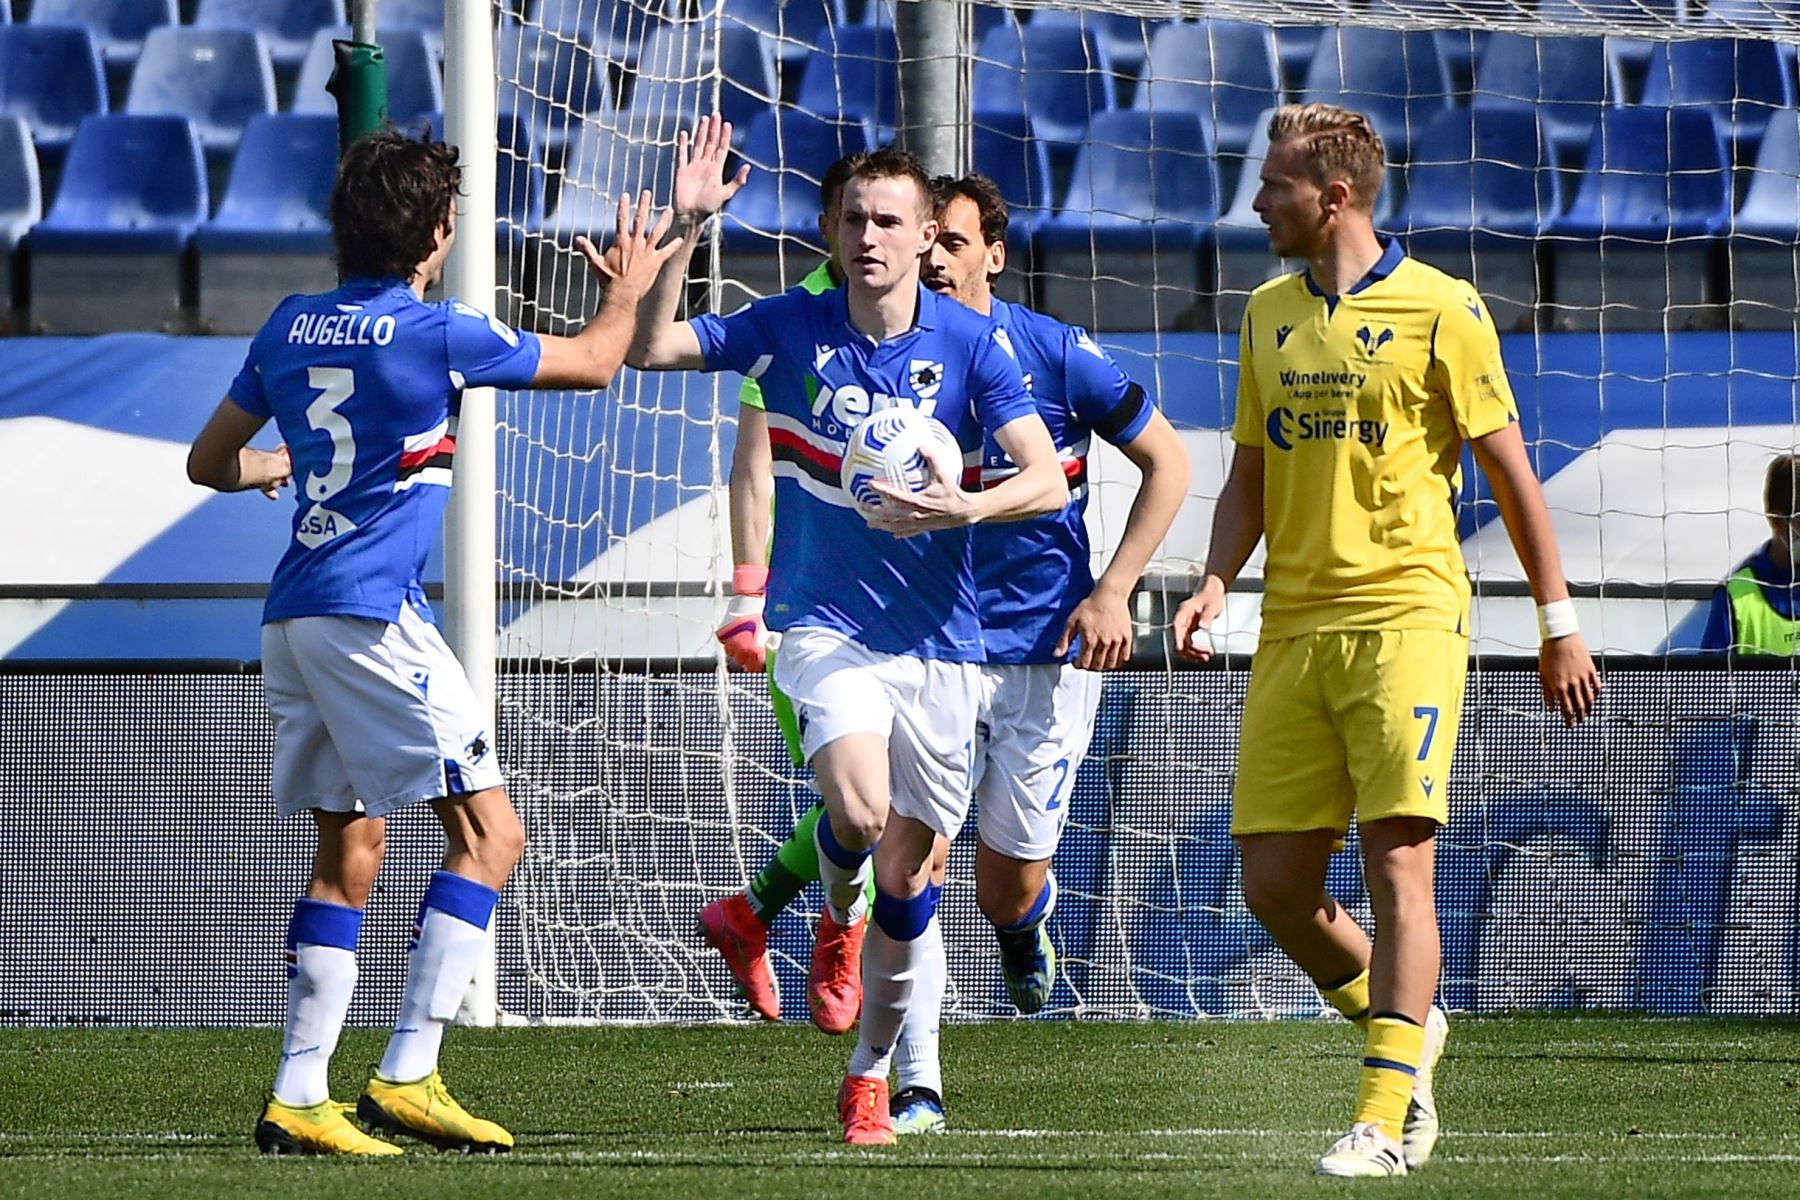 Jakub Jankto de la Sampdoria celebra con sus compañeros tras marcar el 1-1 en el partido de fútbol de la Serie A italiana entre UC Sampdoria vs Hellas Verona FC. Foto : EFE